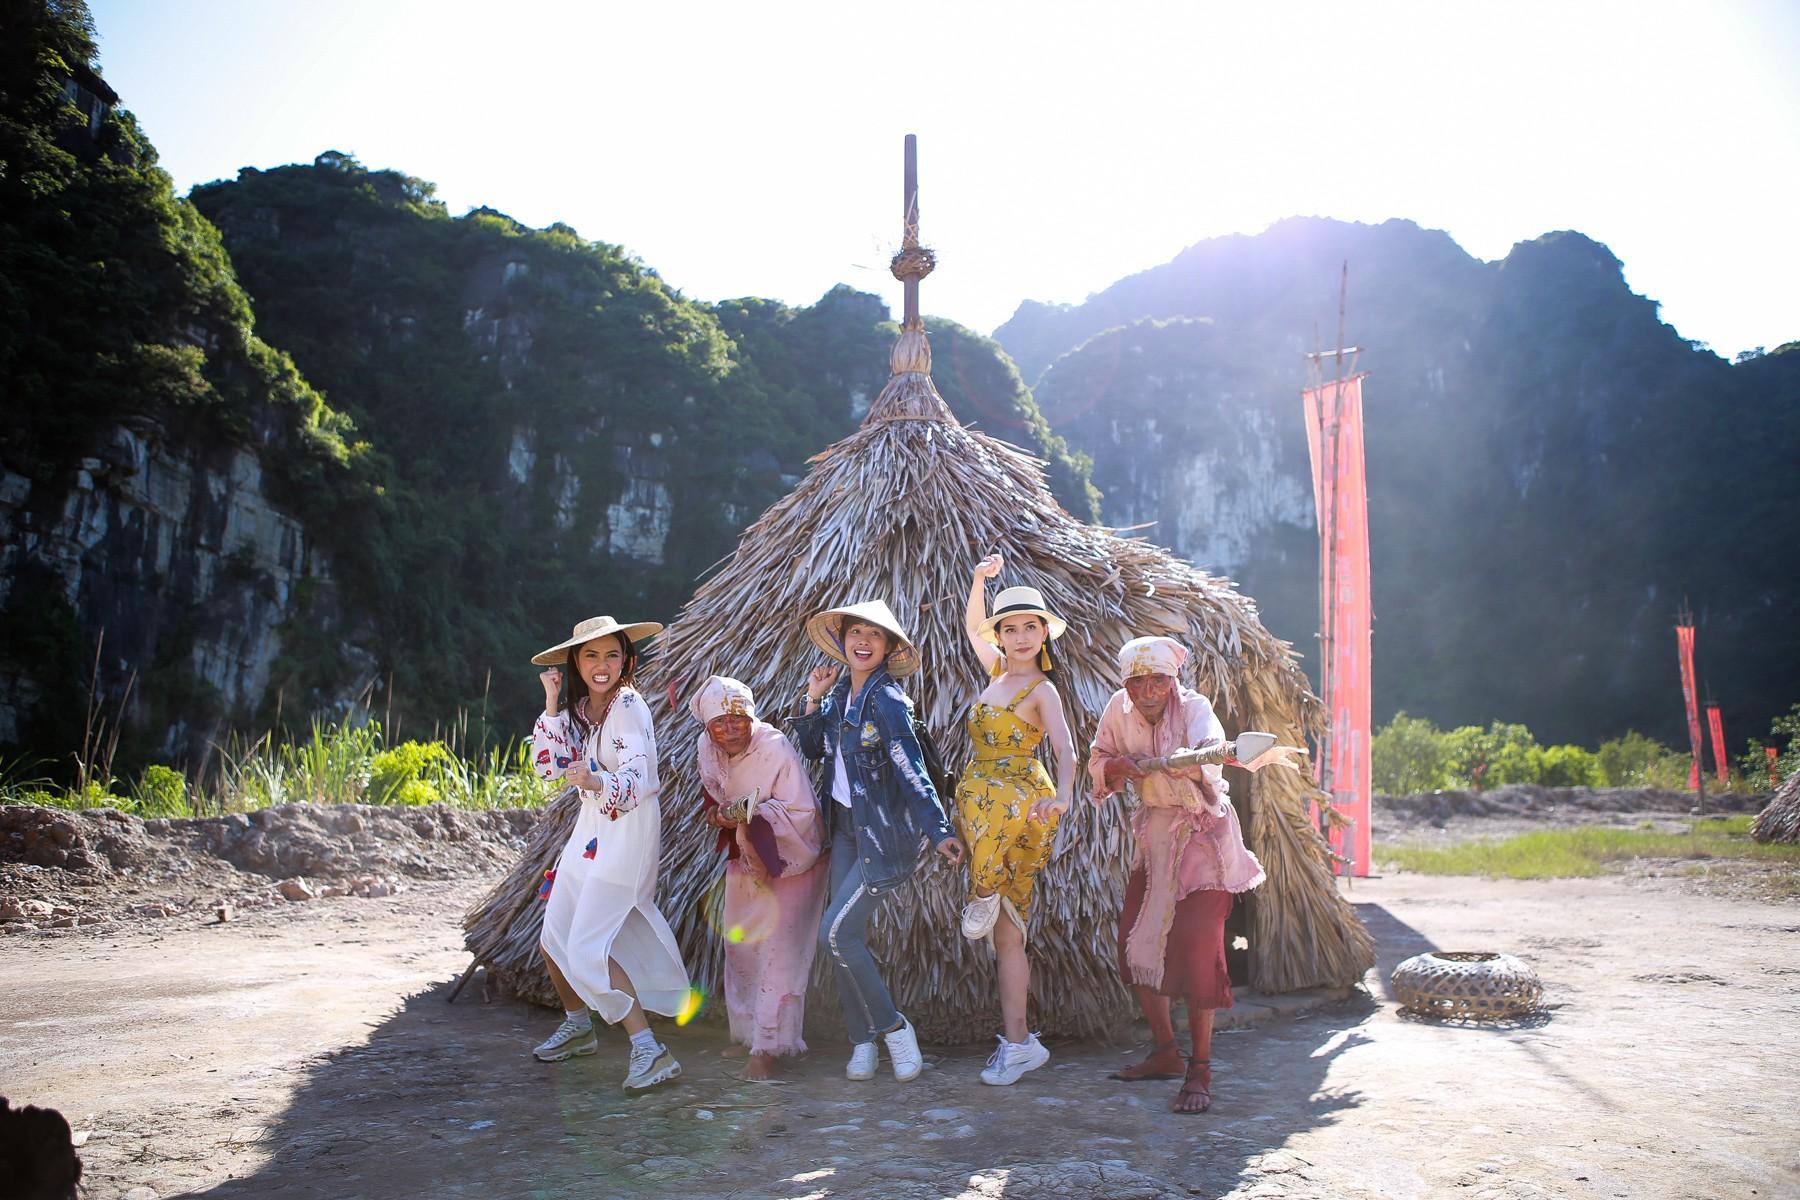 Hội ế Diệu Nhi - Sĩ Thanh - Yaya Trương Nhi bất ngờ gặp HLV Park Hang Seo tại Ninh Bình - Ảnh 4.